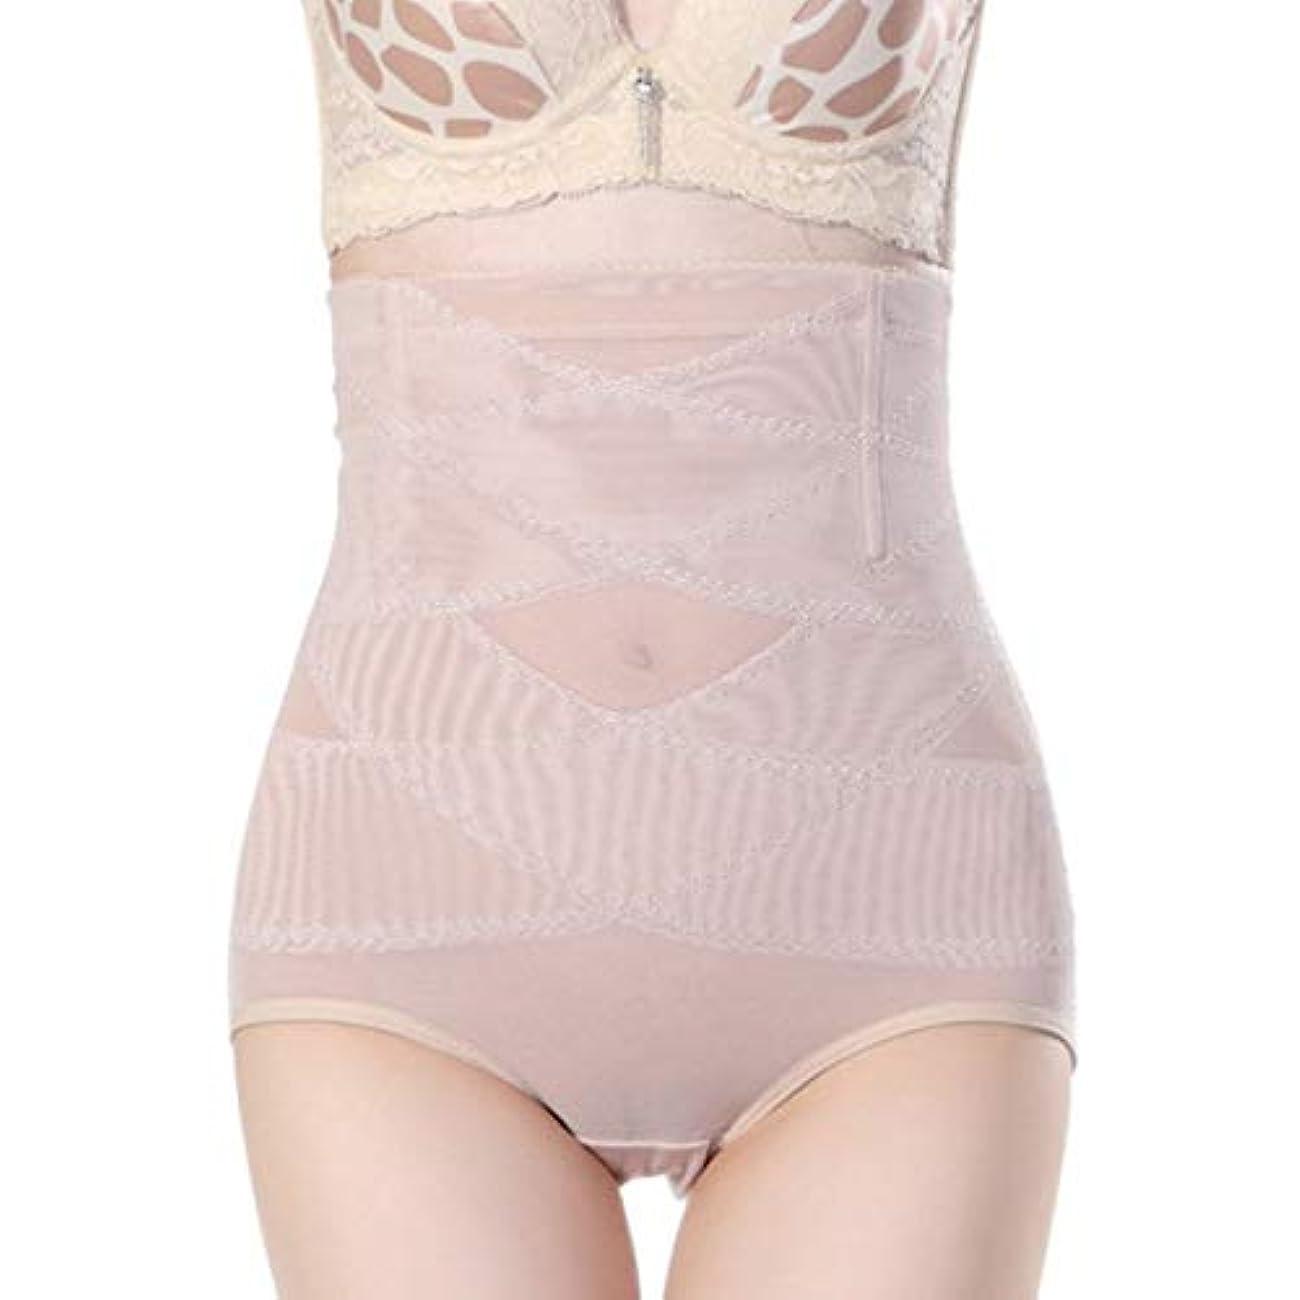 賞賛する到着するお酢腹部制御下着シームレスおなかコントロールパンティーバットリフターボディシェイパーを痩身通気性のハイウエストの女性 - 肌色L